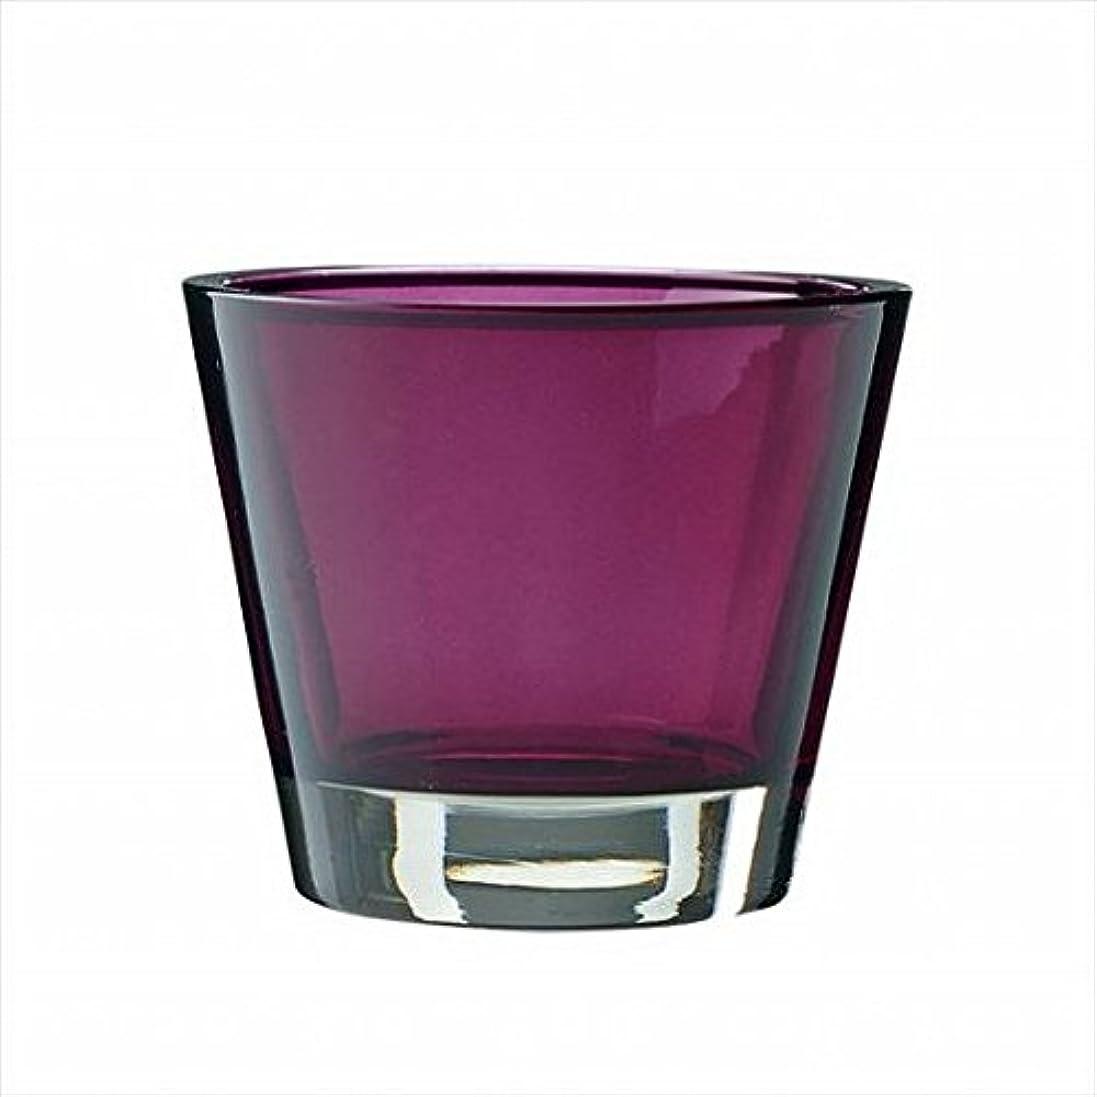 除外するに同意する従順なkameyama candle(カメヤマキャンドル) カラリス 「 プラム 」 キャンドル 82x82x70mm (J2540000PL)